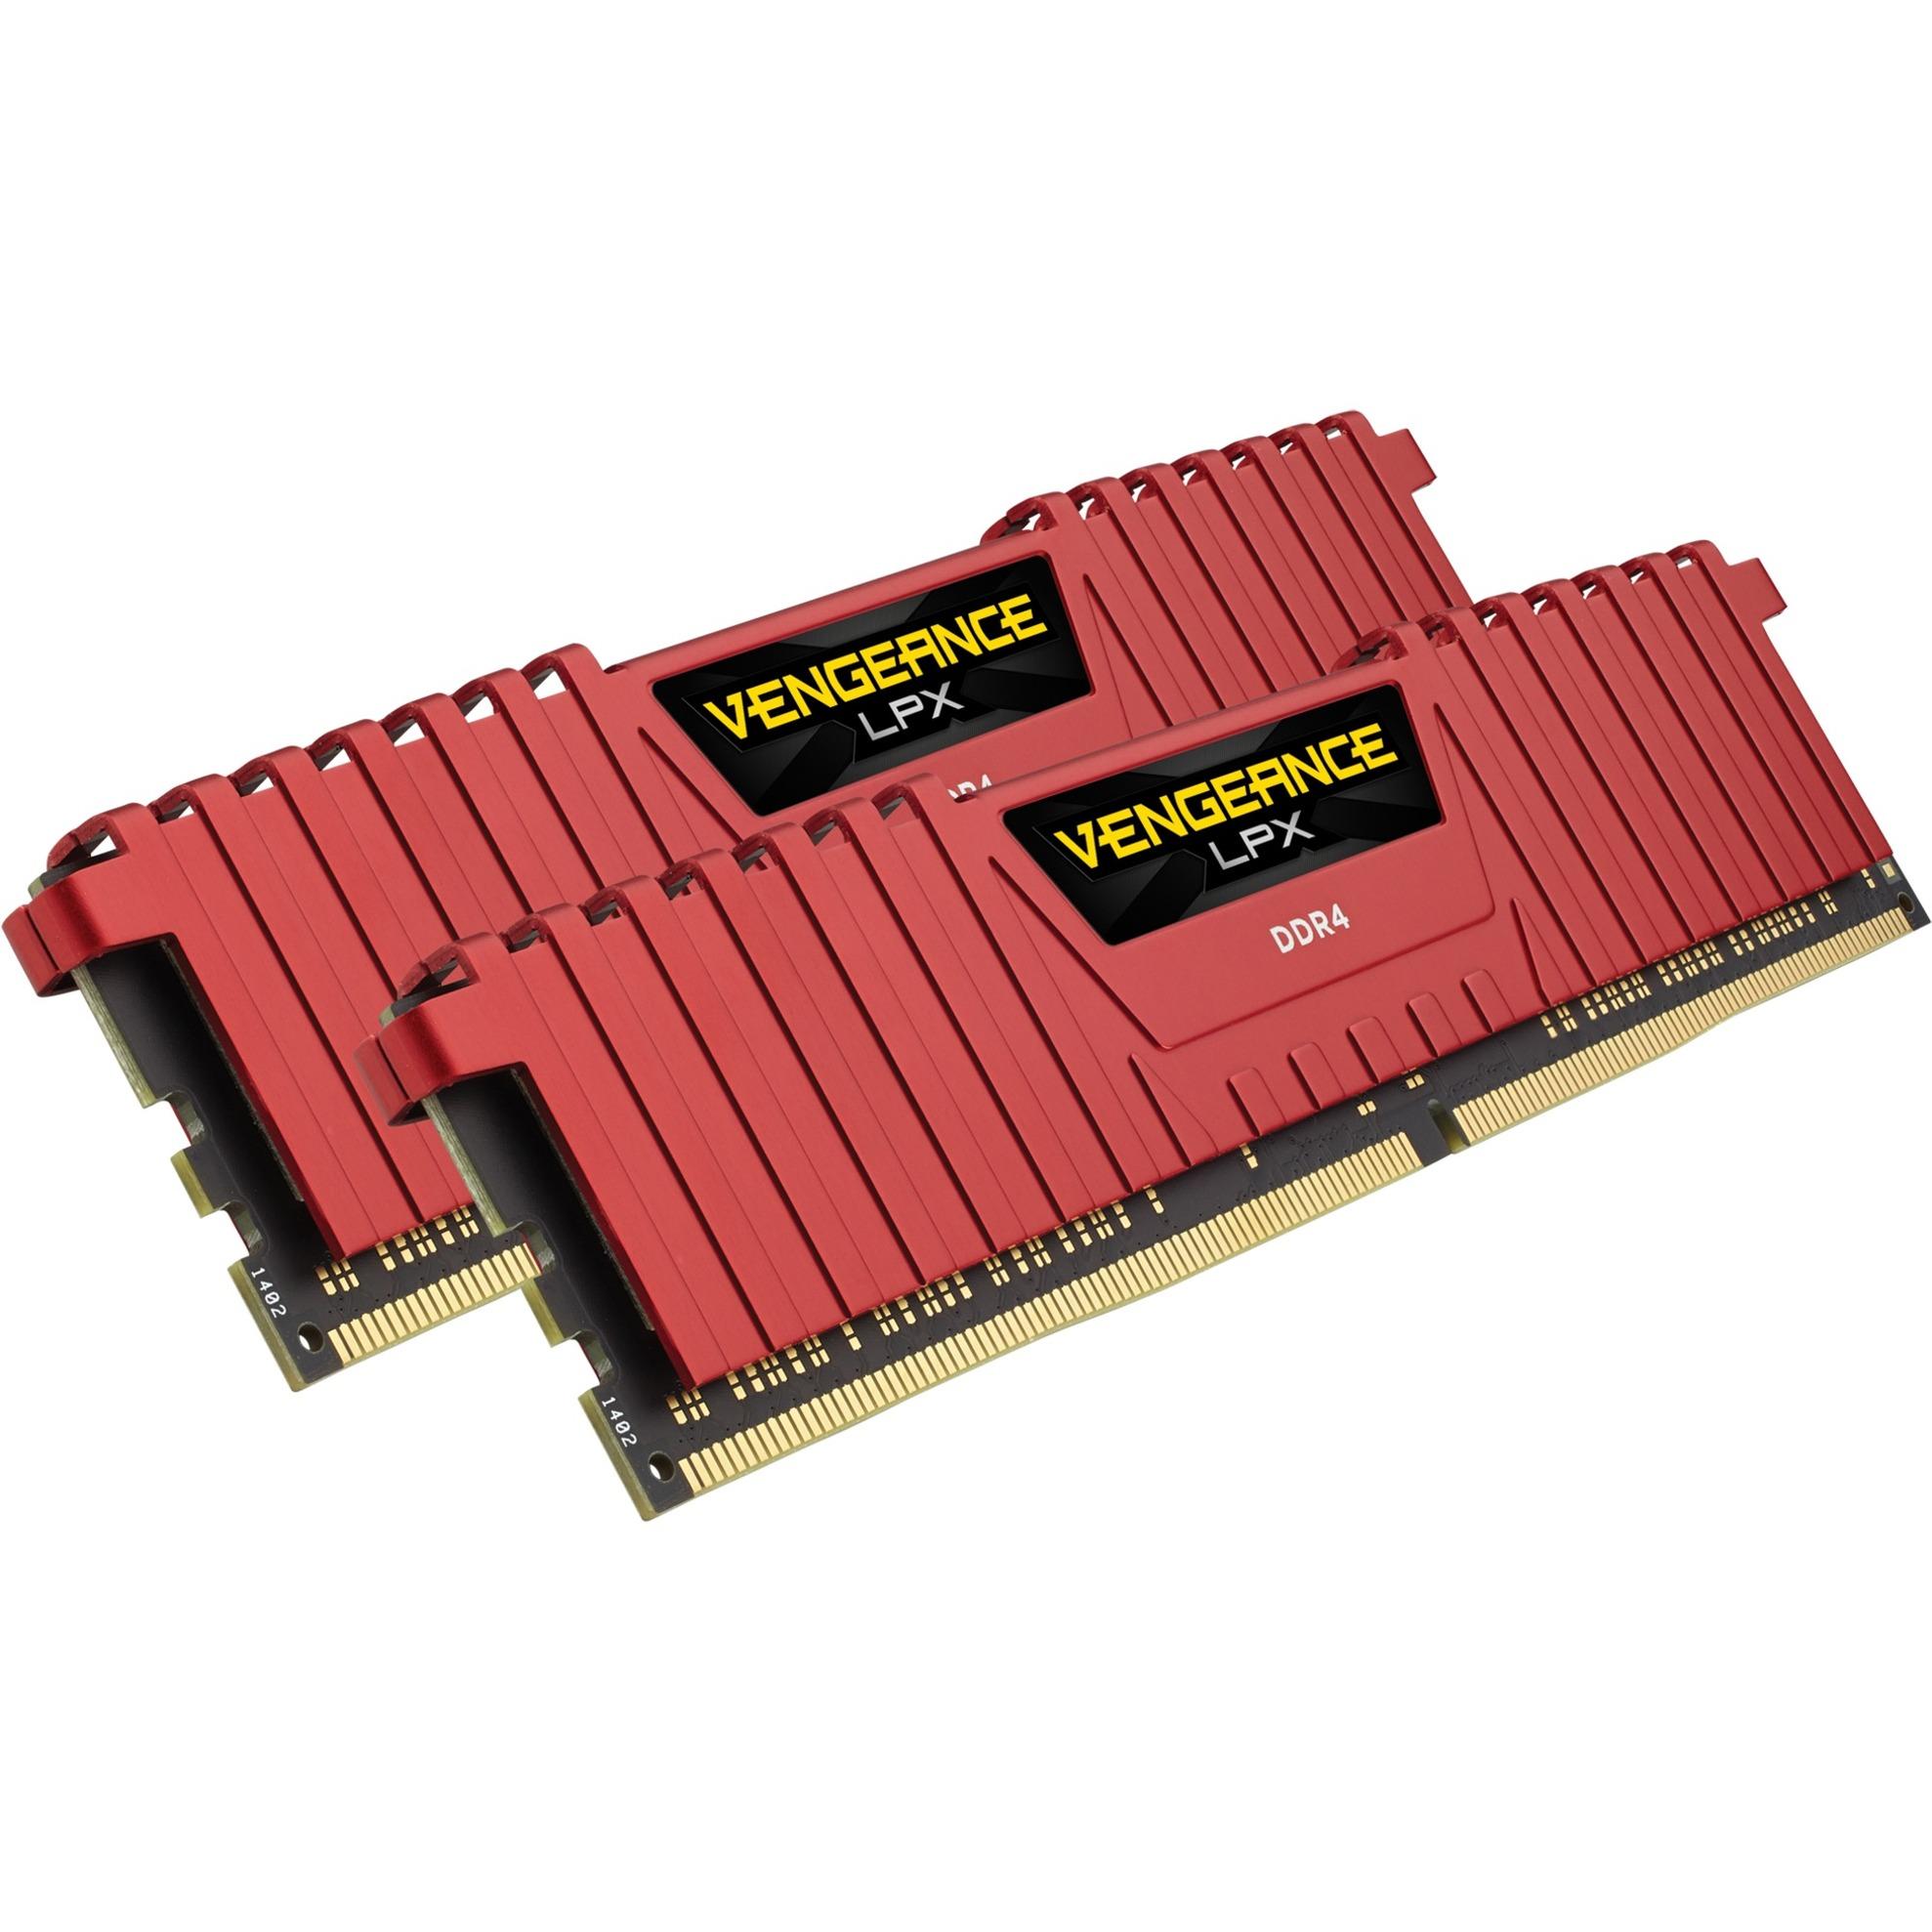 Vengeance LPX 16GB, DDR4 16Go DDR4 4000MHz module de mémoire